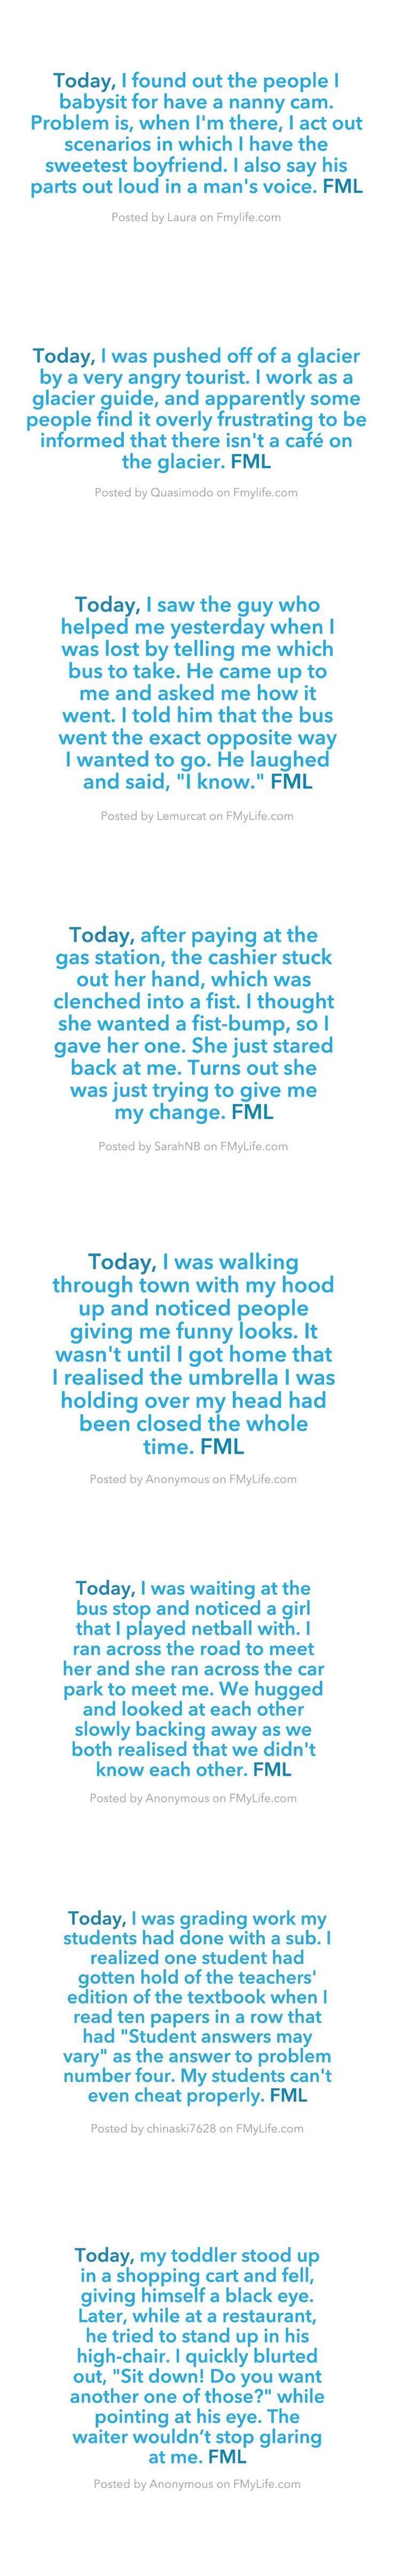 Share an FML story